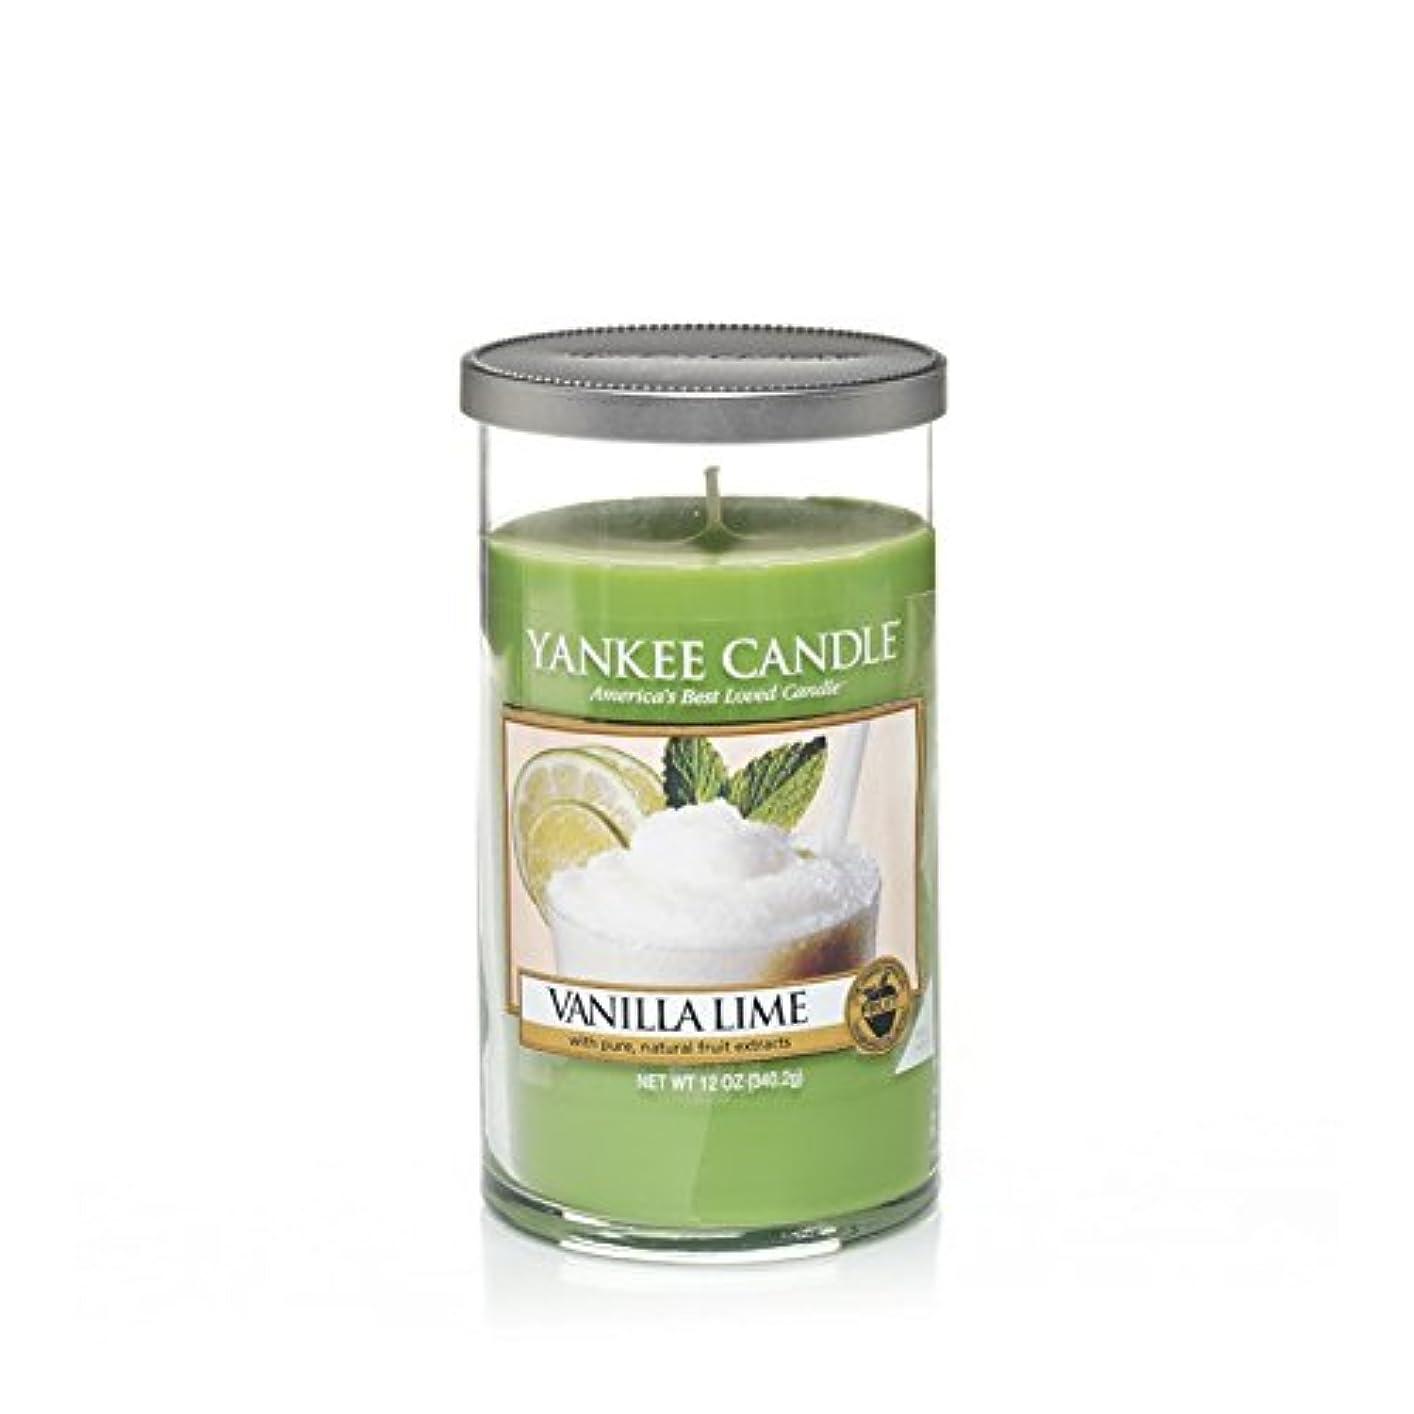 ページ汚れた憂鬱Yankee Candles Medium Pillar Candle - Vanilla Lime (Pack of 2) - ヤンキーキャンドルメディアピラーキャンドル - バニラライム (x2) [並行輸入品]